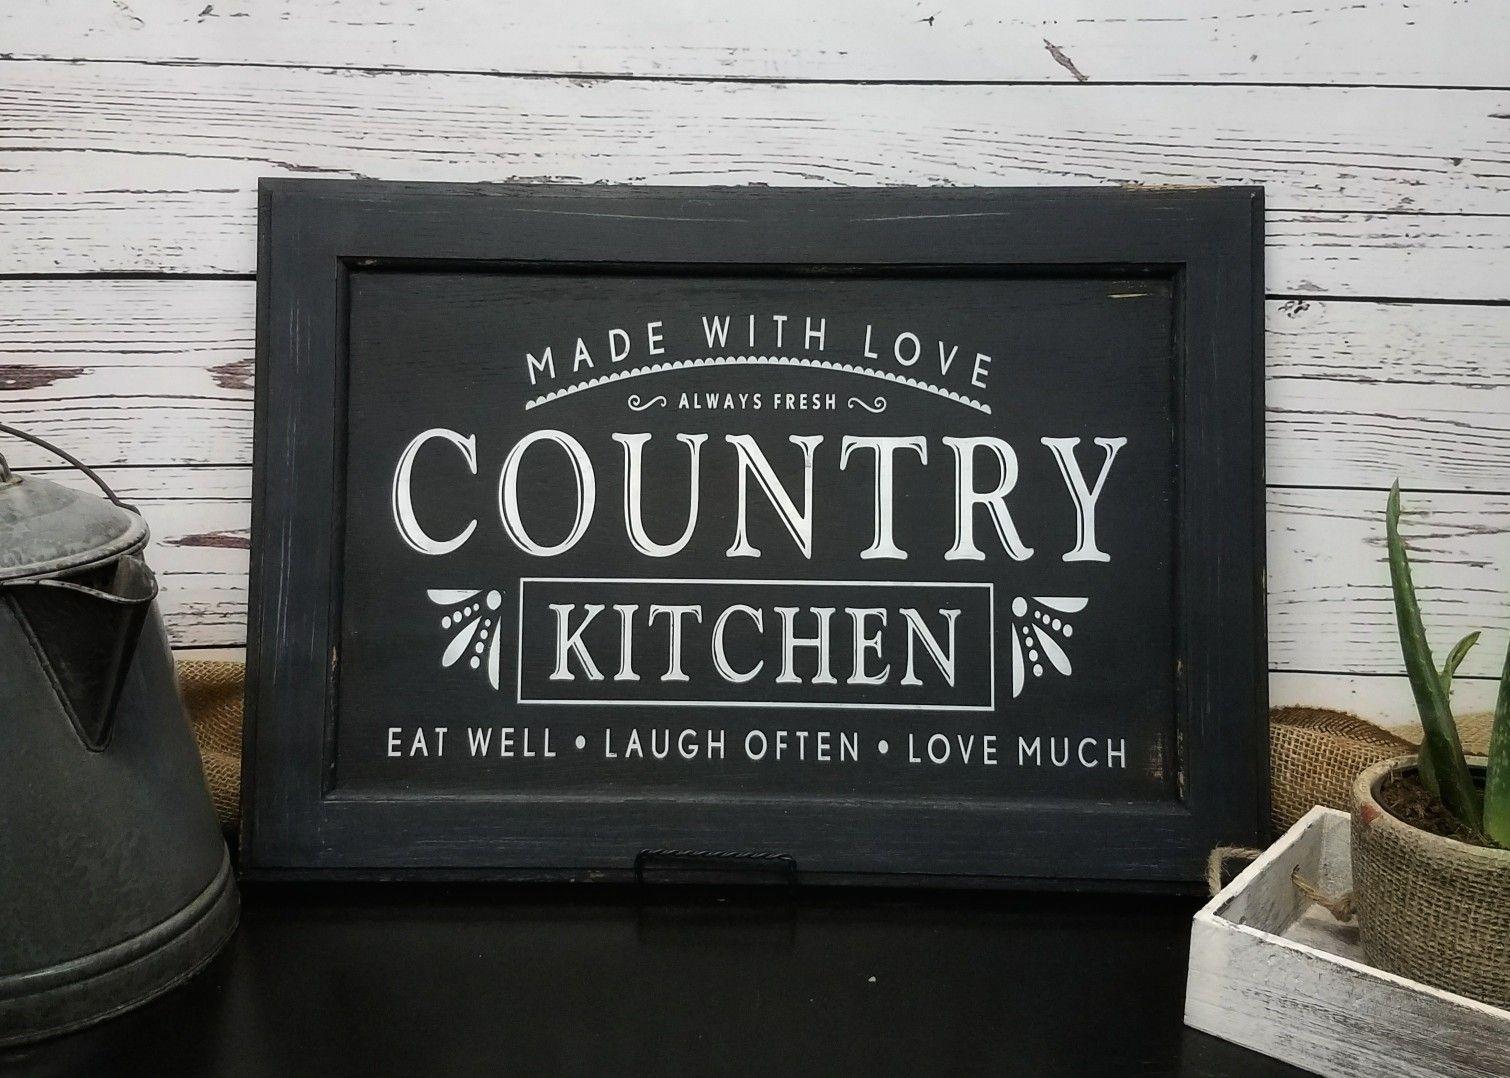 Country Kitchen Farmhouse Kitchen Decor Farmhouse Decor Wooden Kitchen Signs Farmhouse Kitchen Signs Butcher Block Island Kitchen Wooden Kitchen Signs